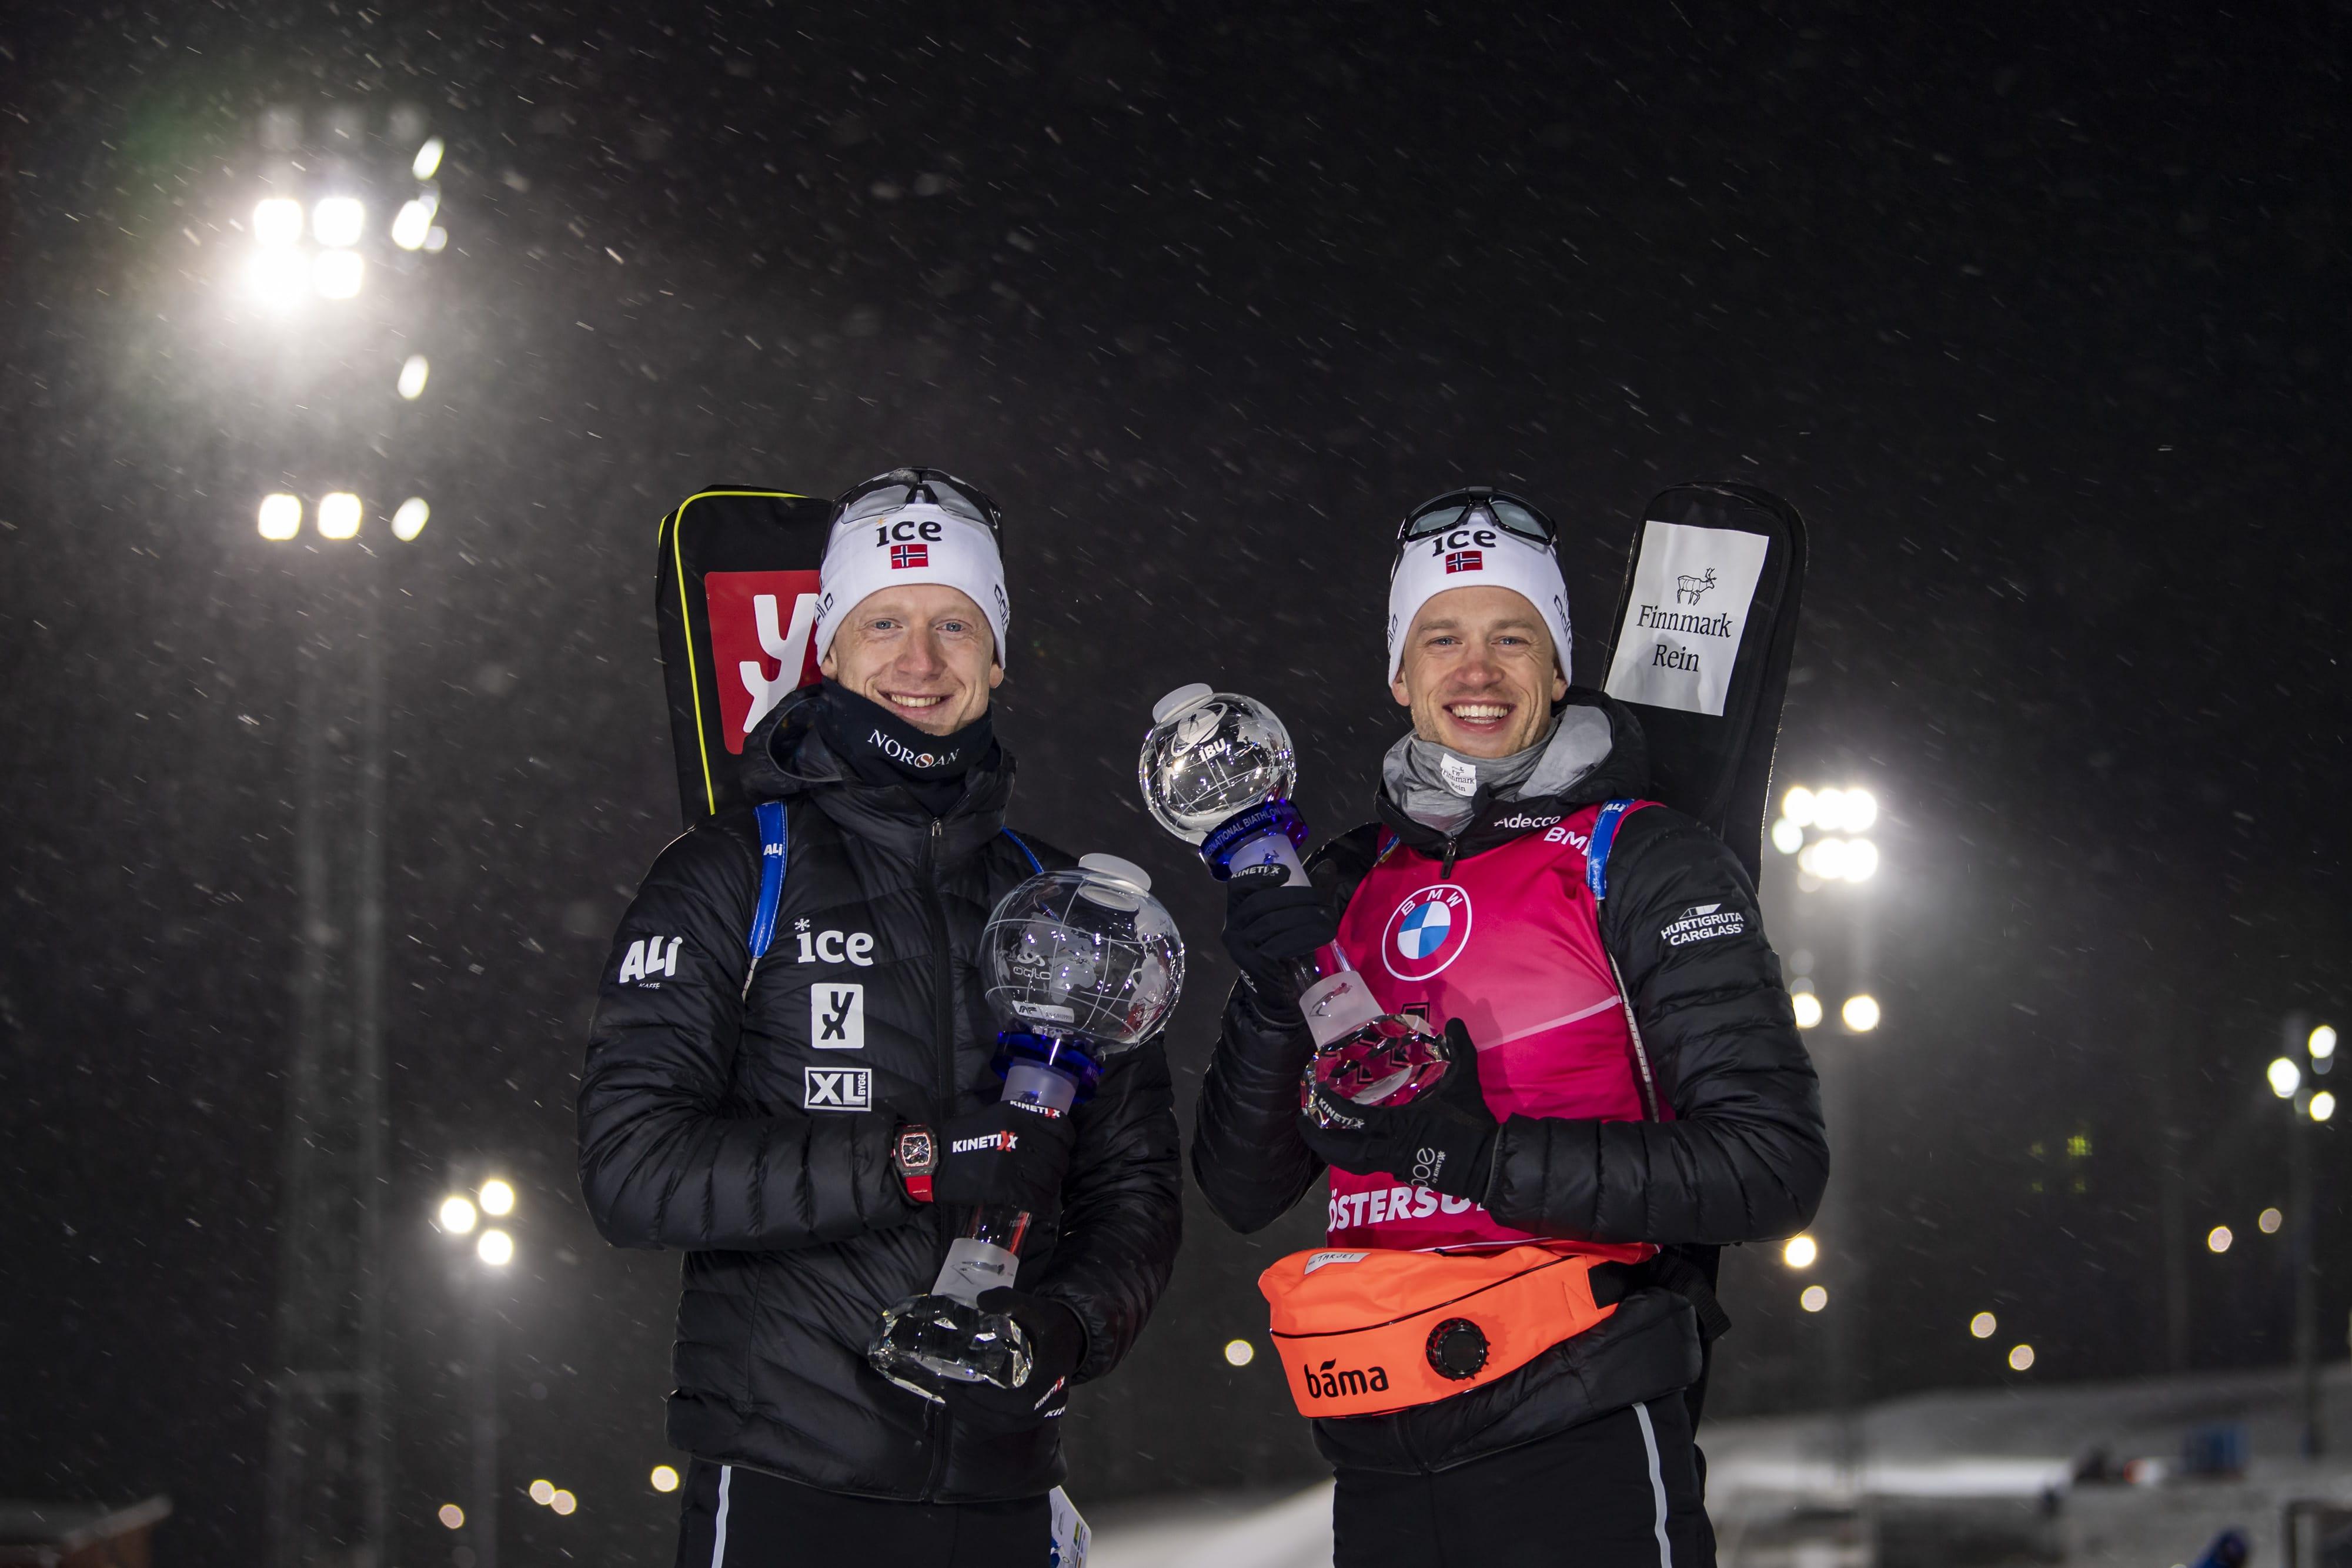 KinetiXx Athleten dominieren den nordischen Wintersport